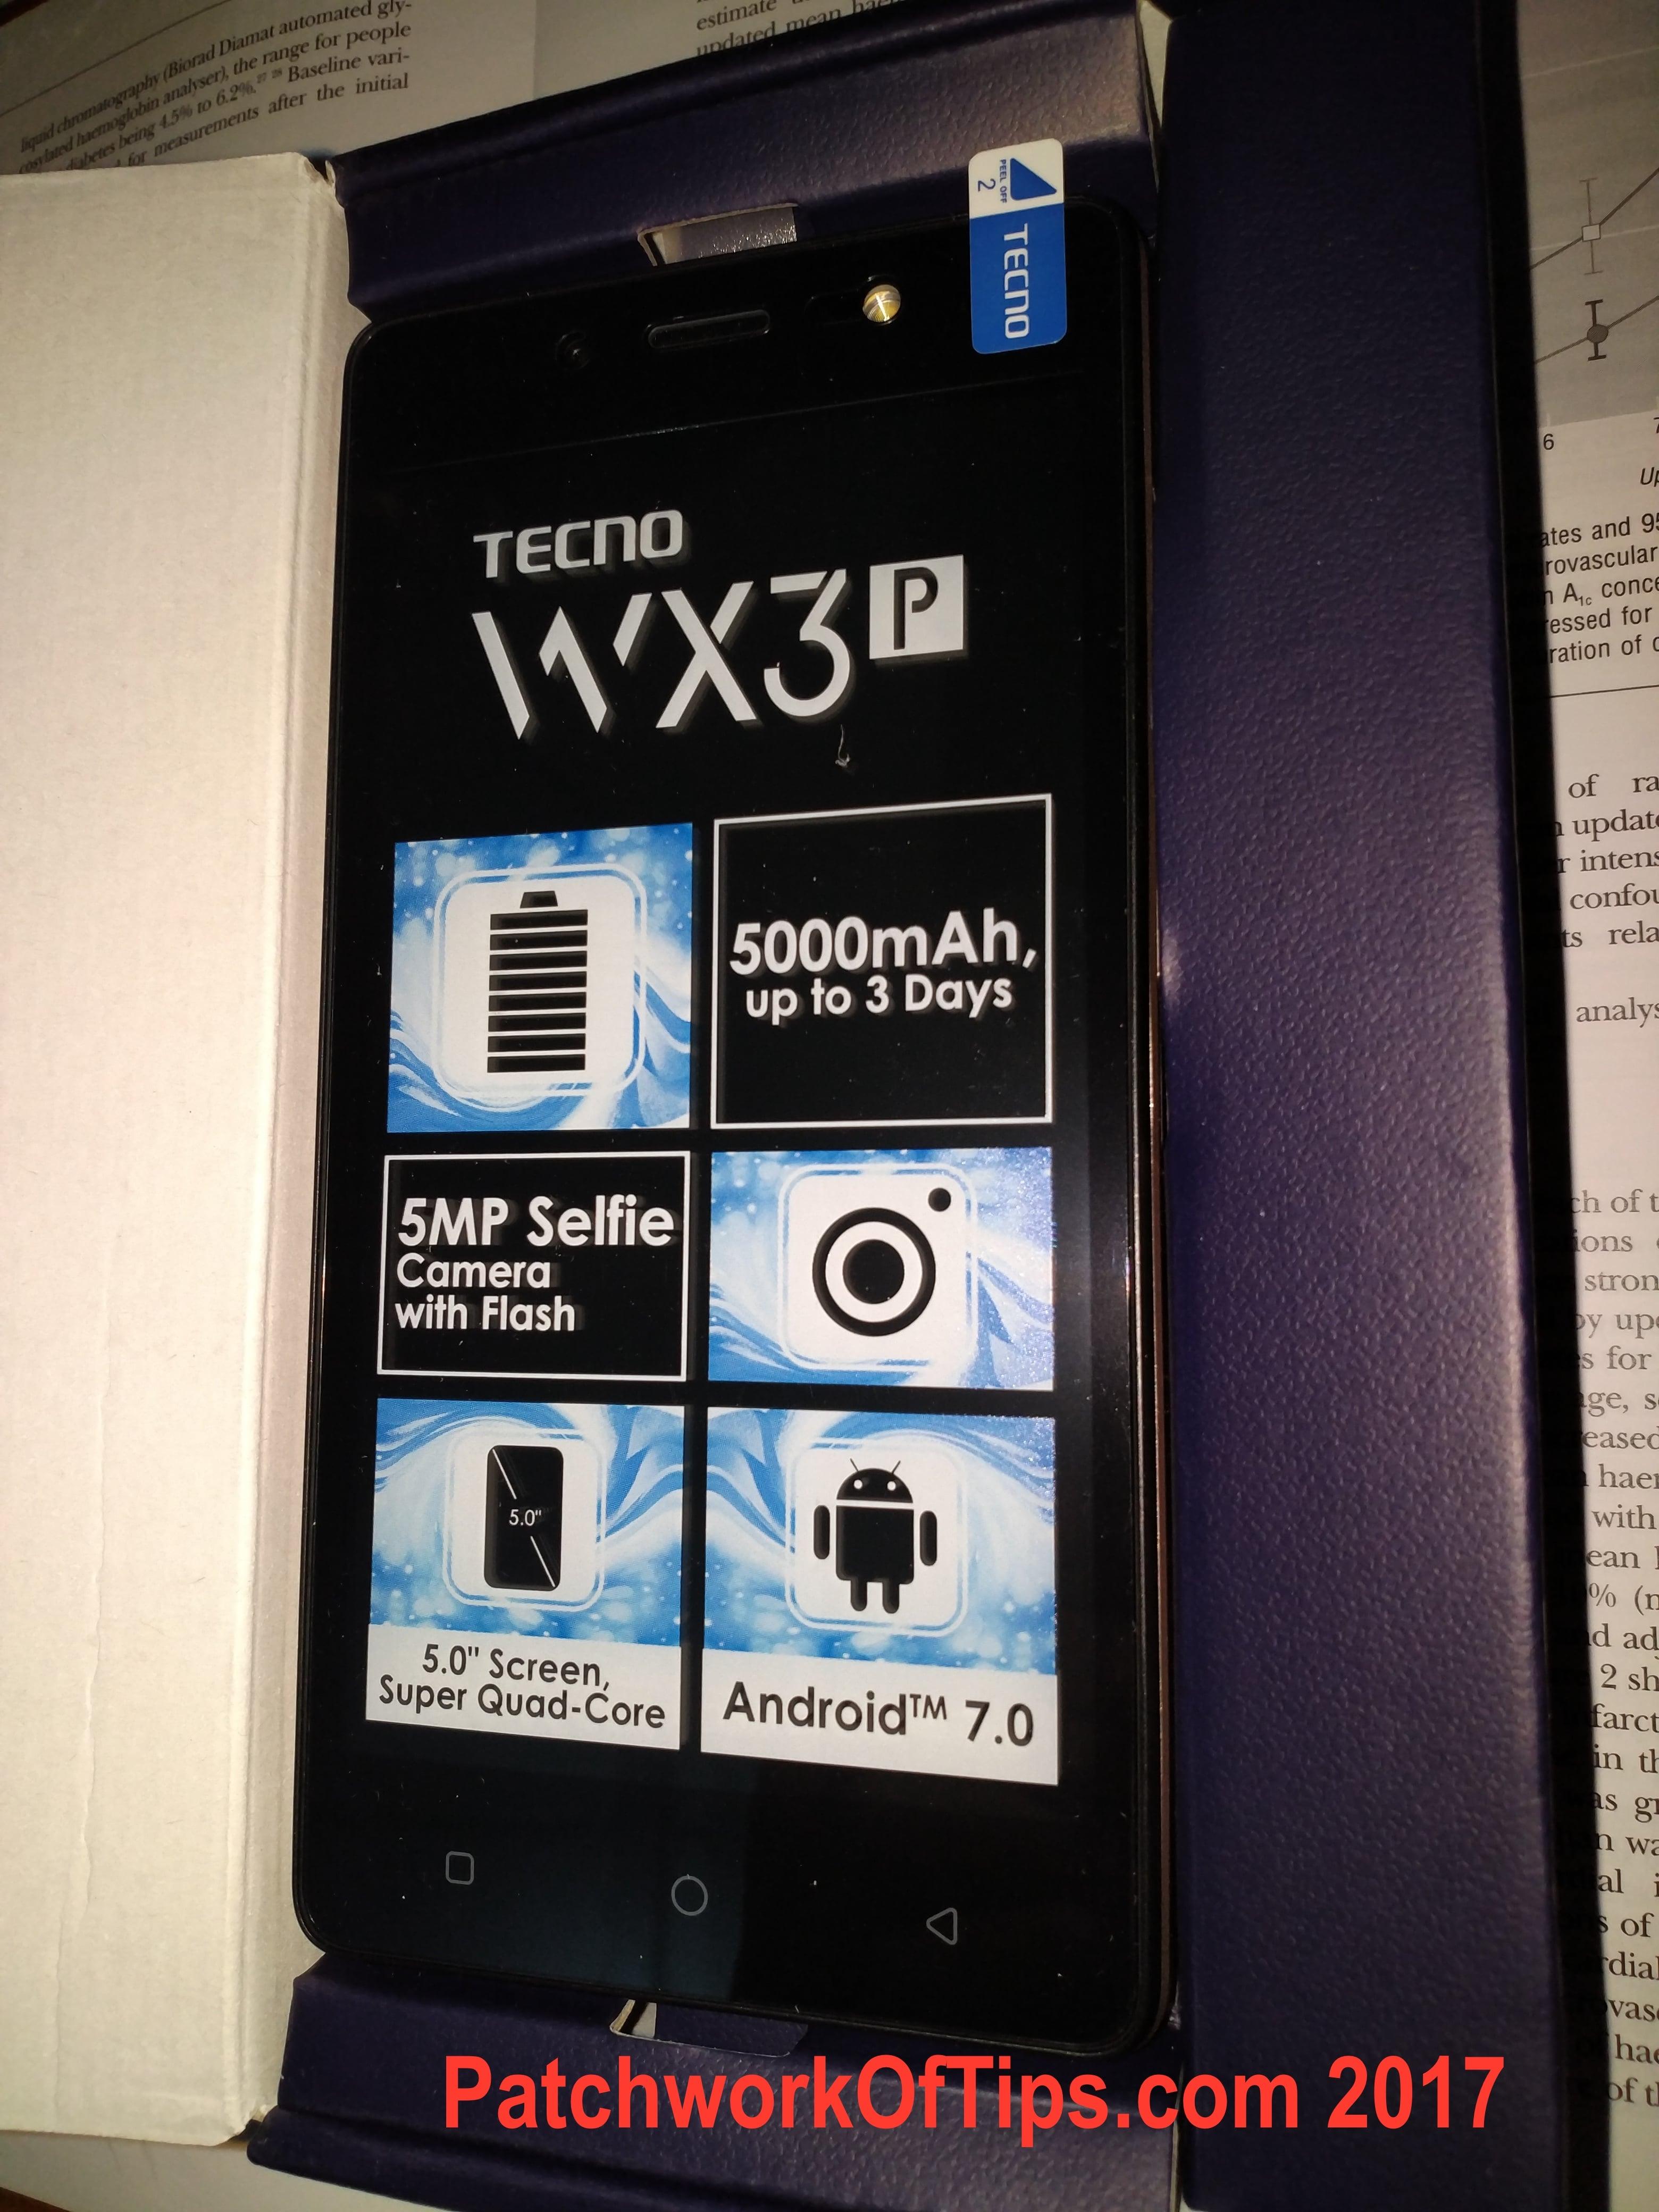 Tecno WX3P Unboxing 15